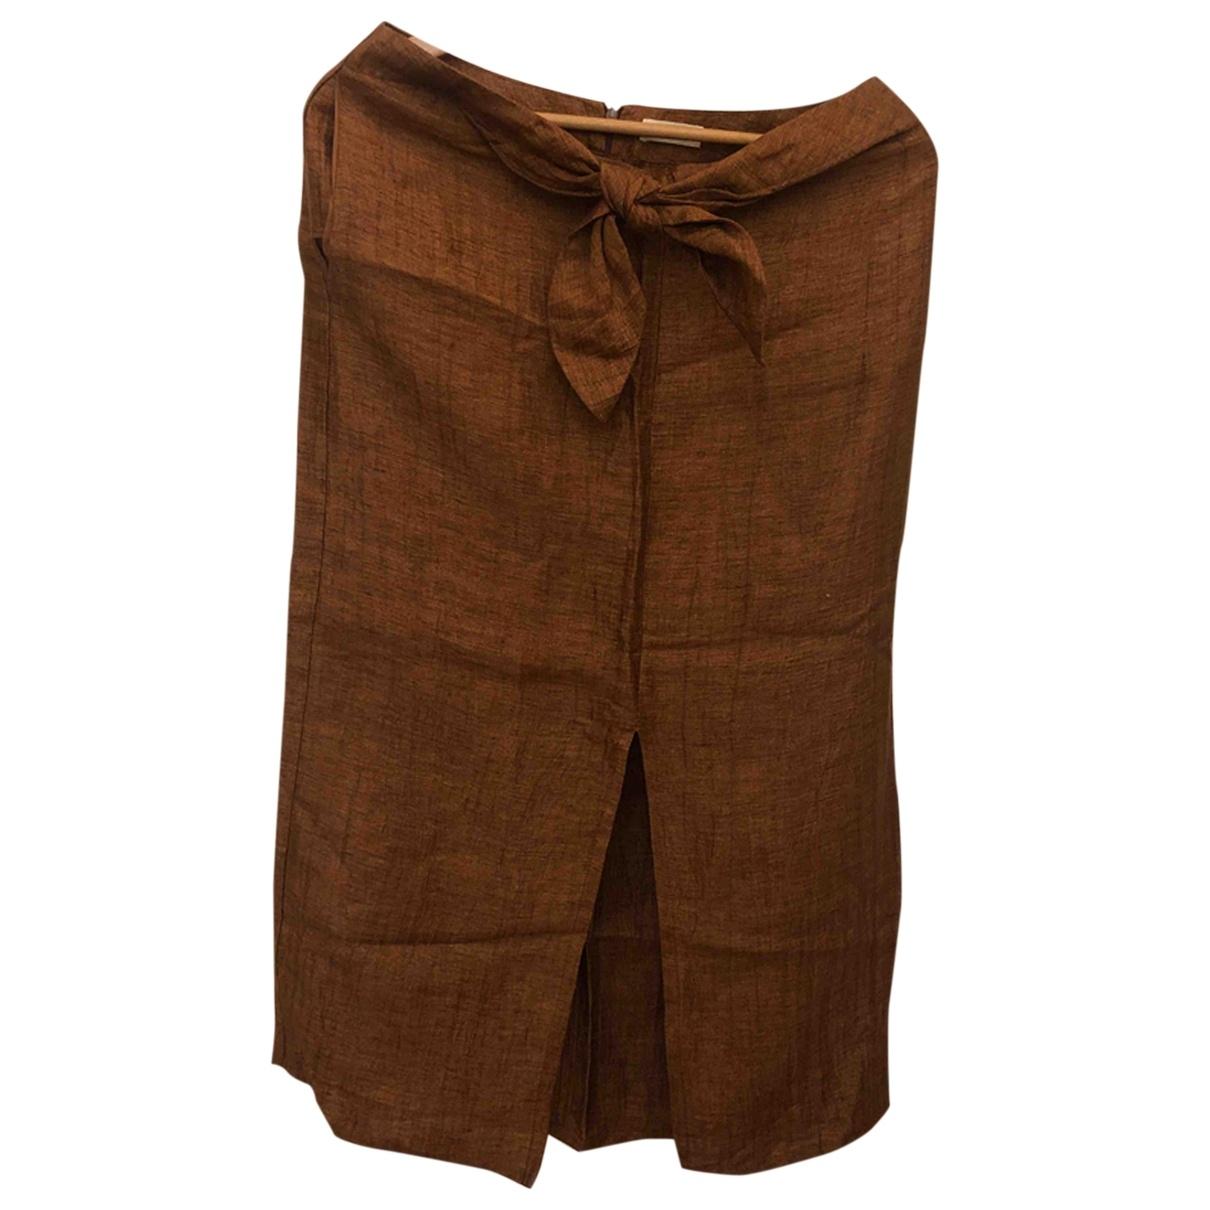 Masscob \N Brown Linen skirt for Women 36 FR